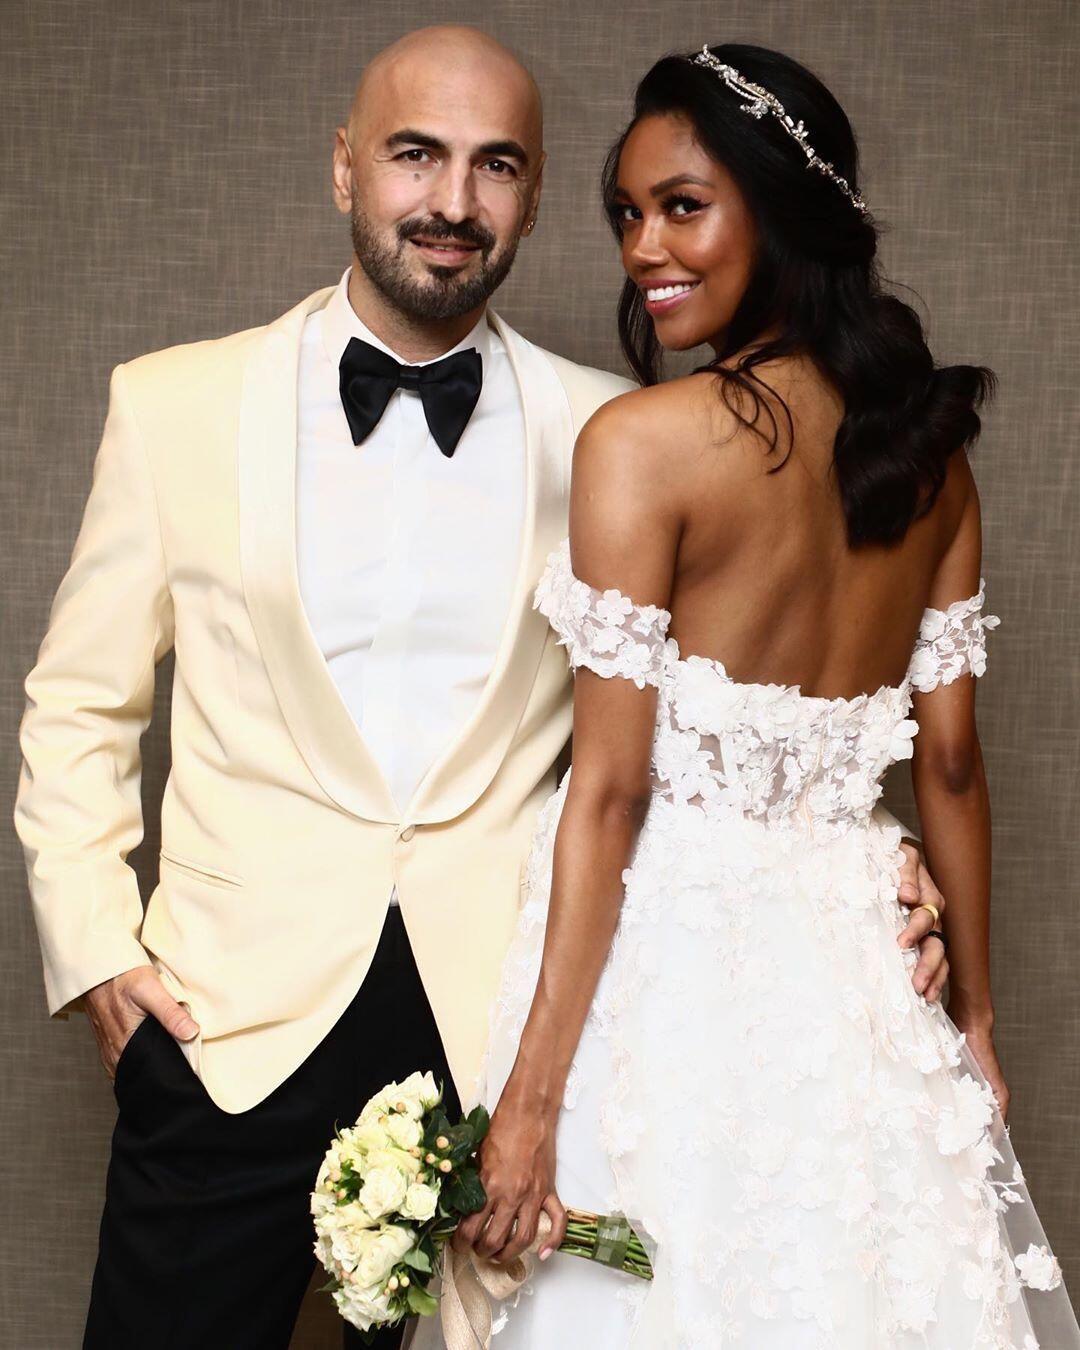 Soner Sarıkabadayı ile Camelo Lopez evlendi! - Sayfa:4